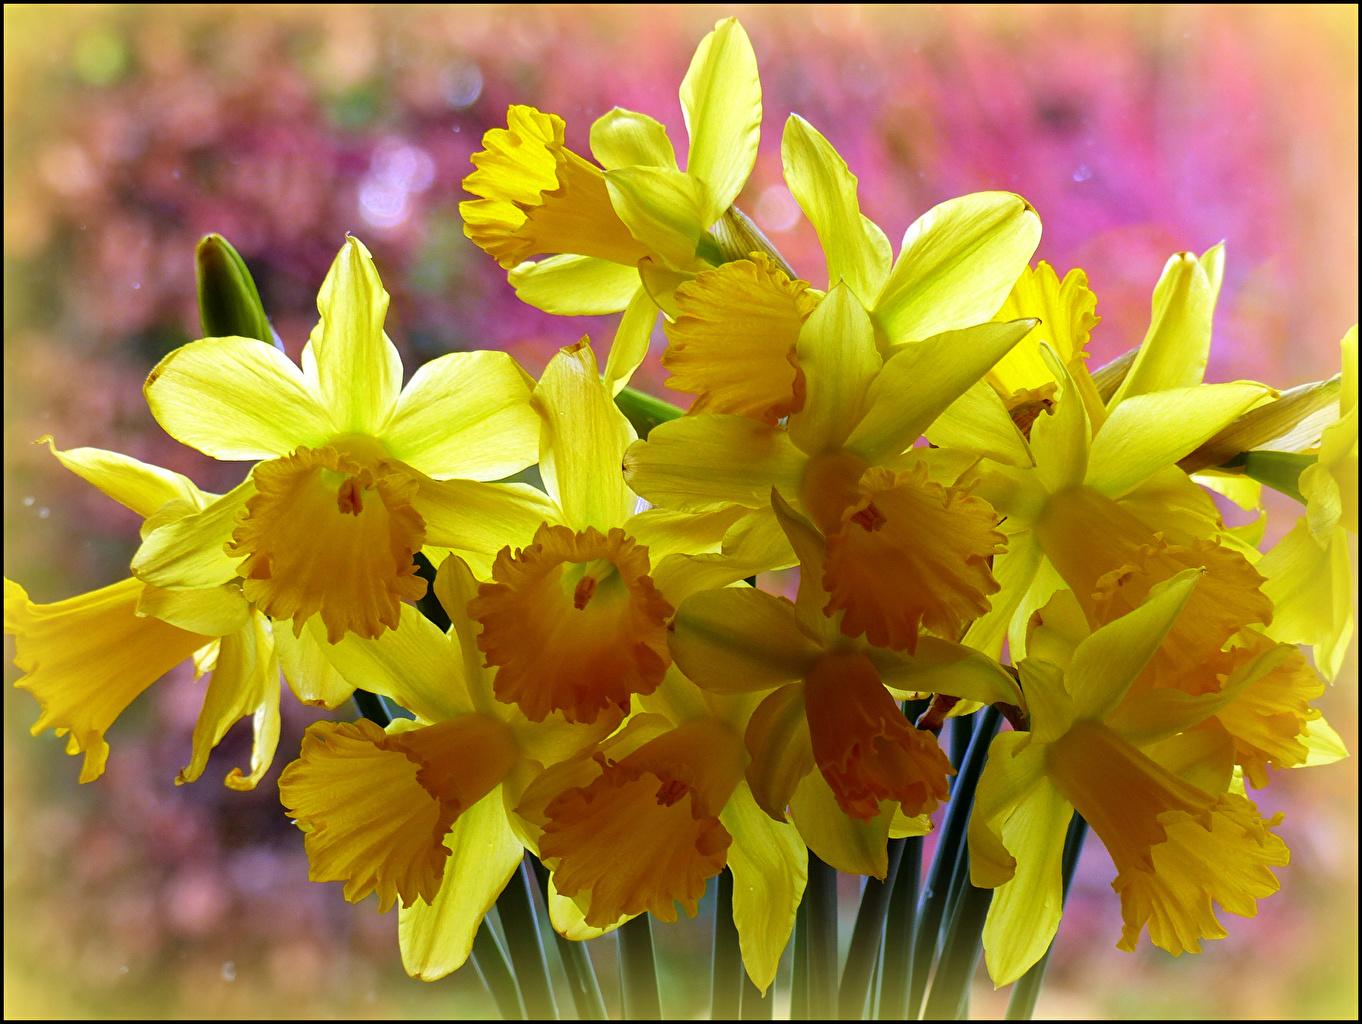 Фотография желтая Цветы Нарциссы вблизи желтых желтые Желтый цветок Крупным планом